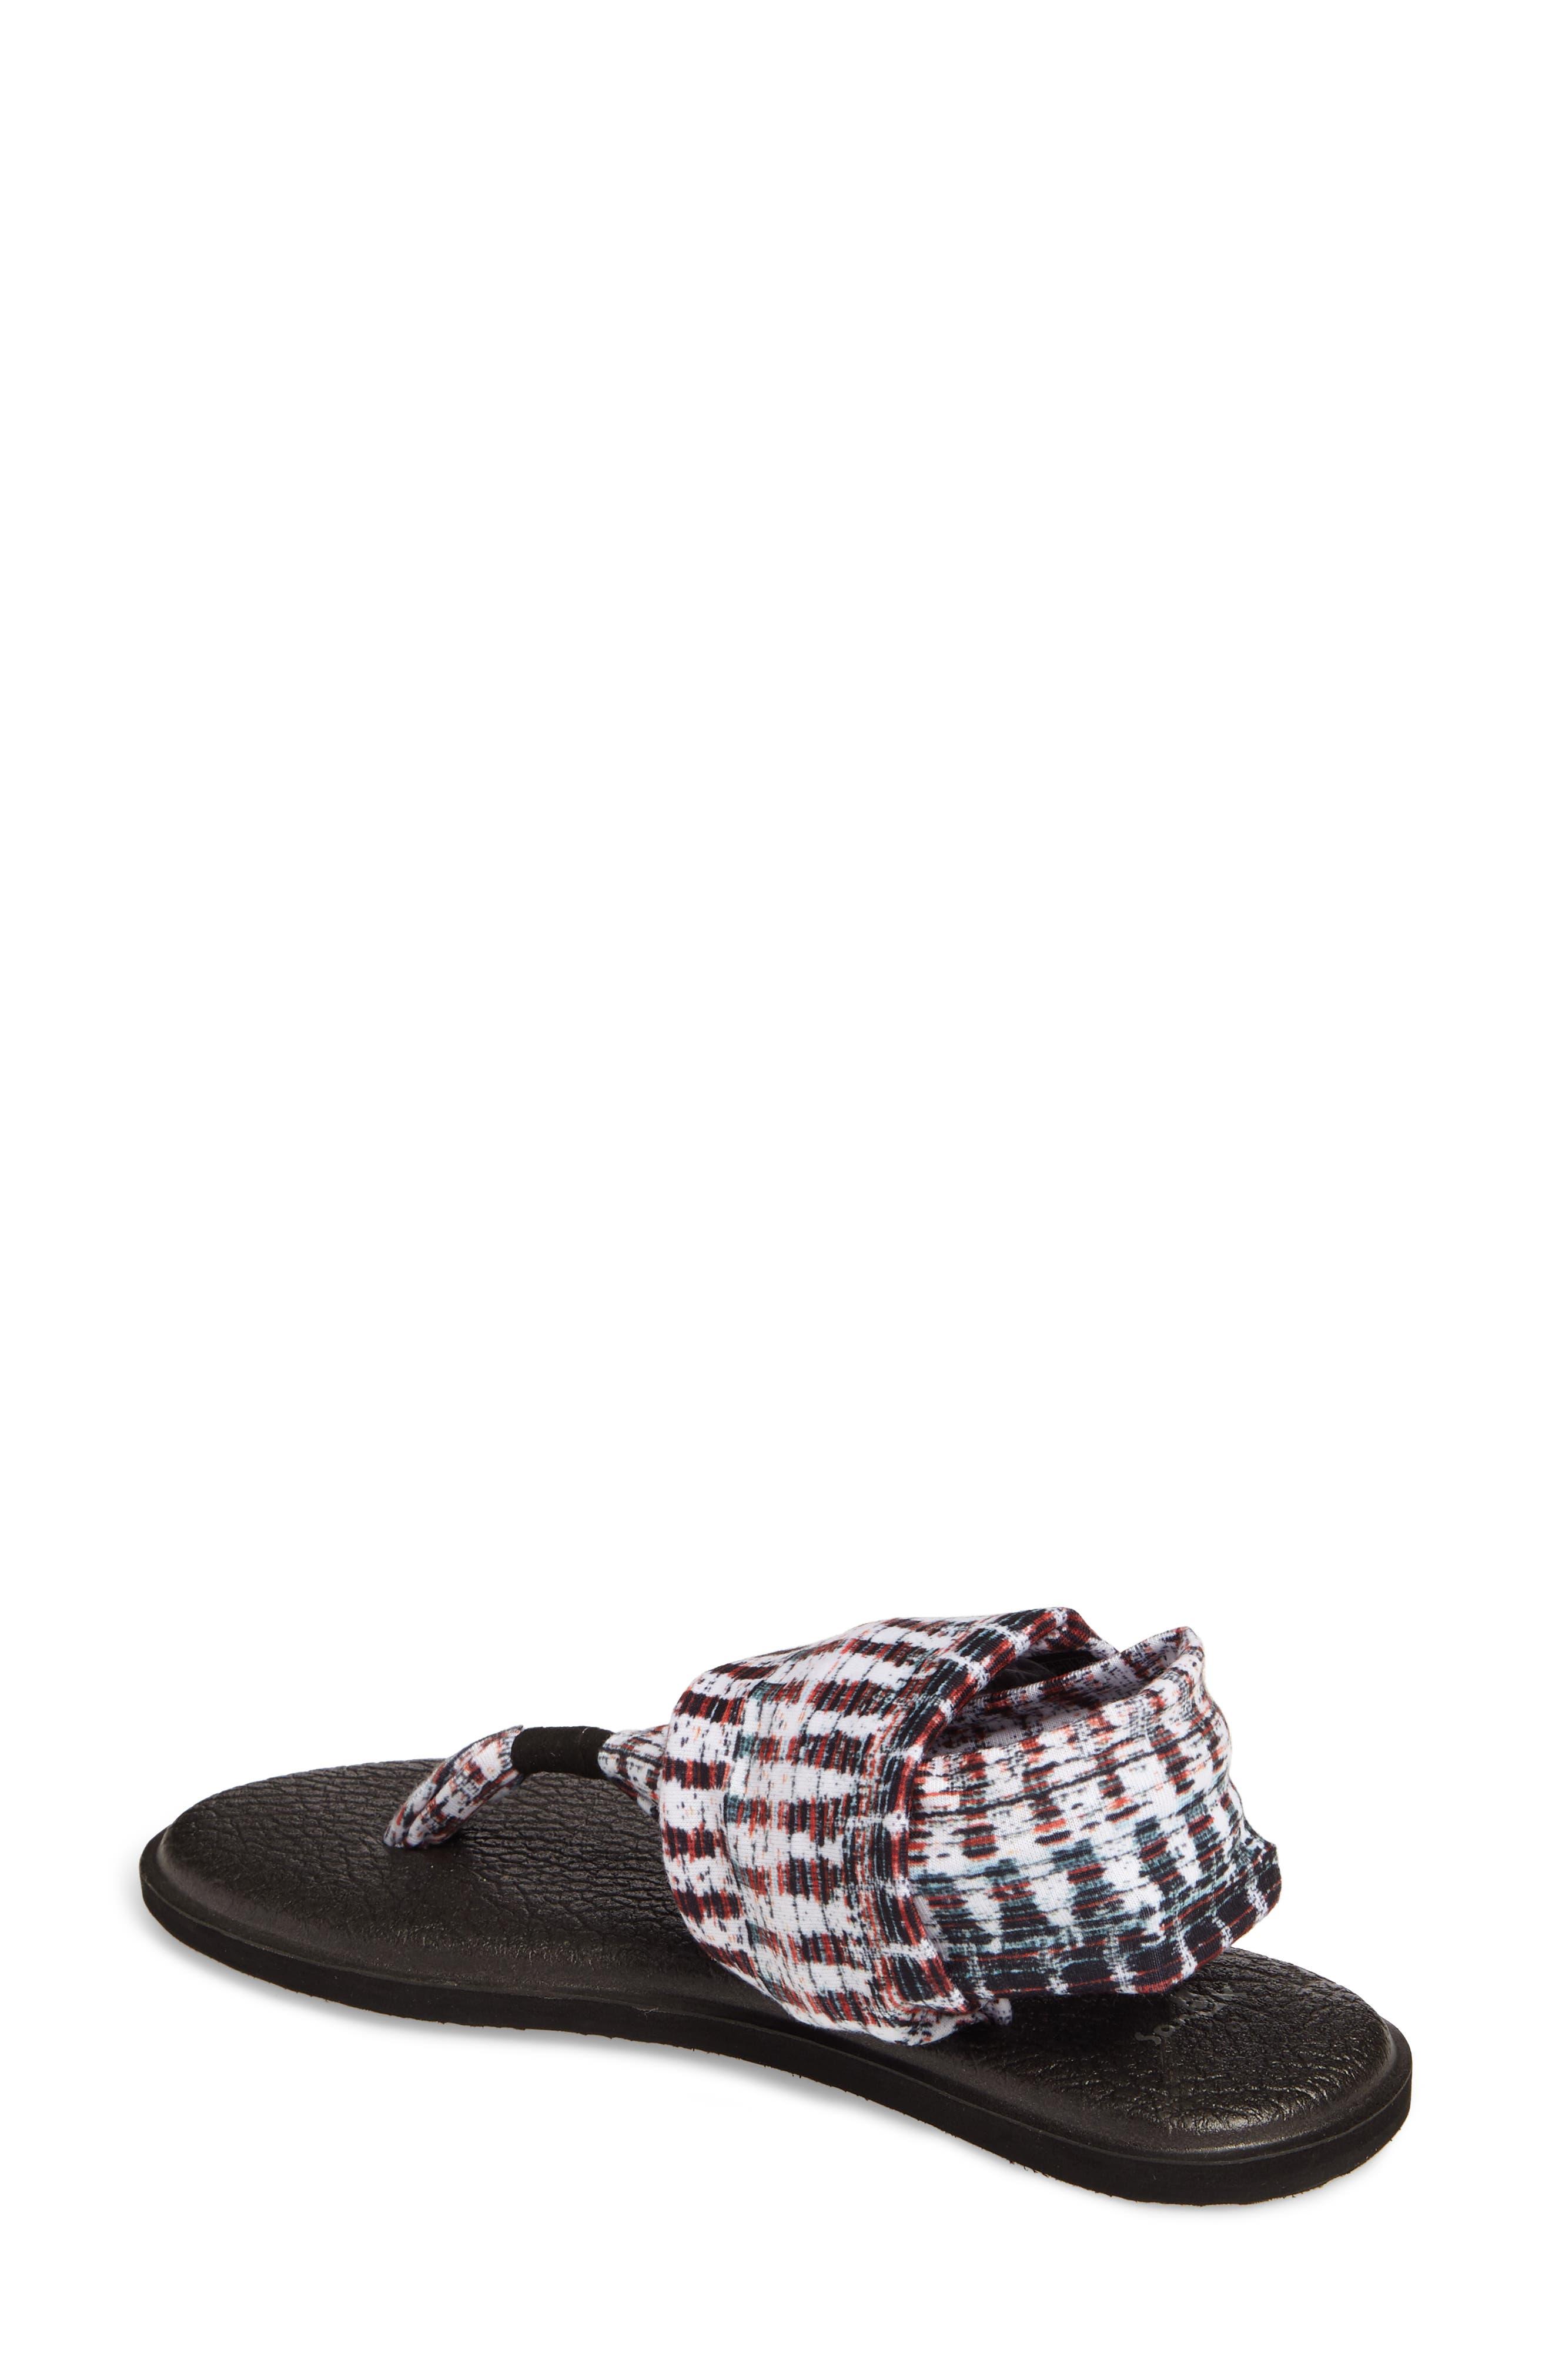 Alternate Image 2  - Sanuk 'Yoga Sling 2' Sandal